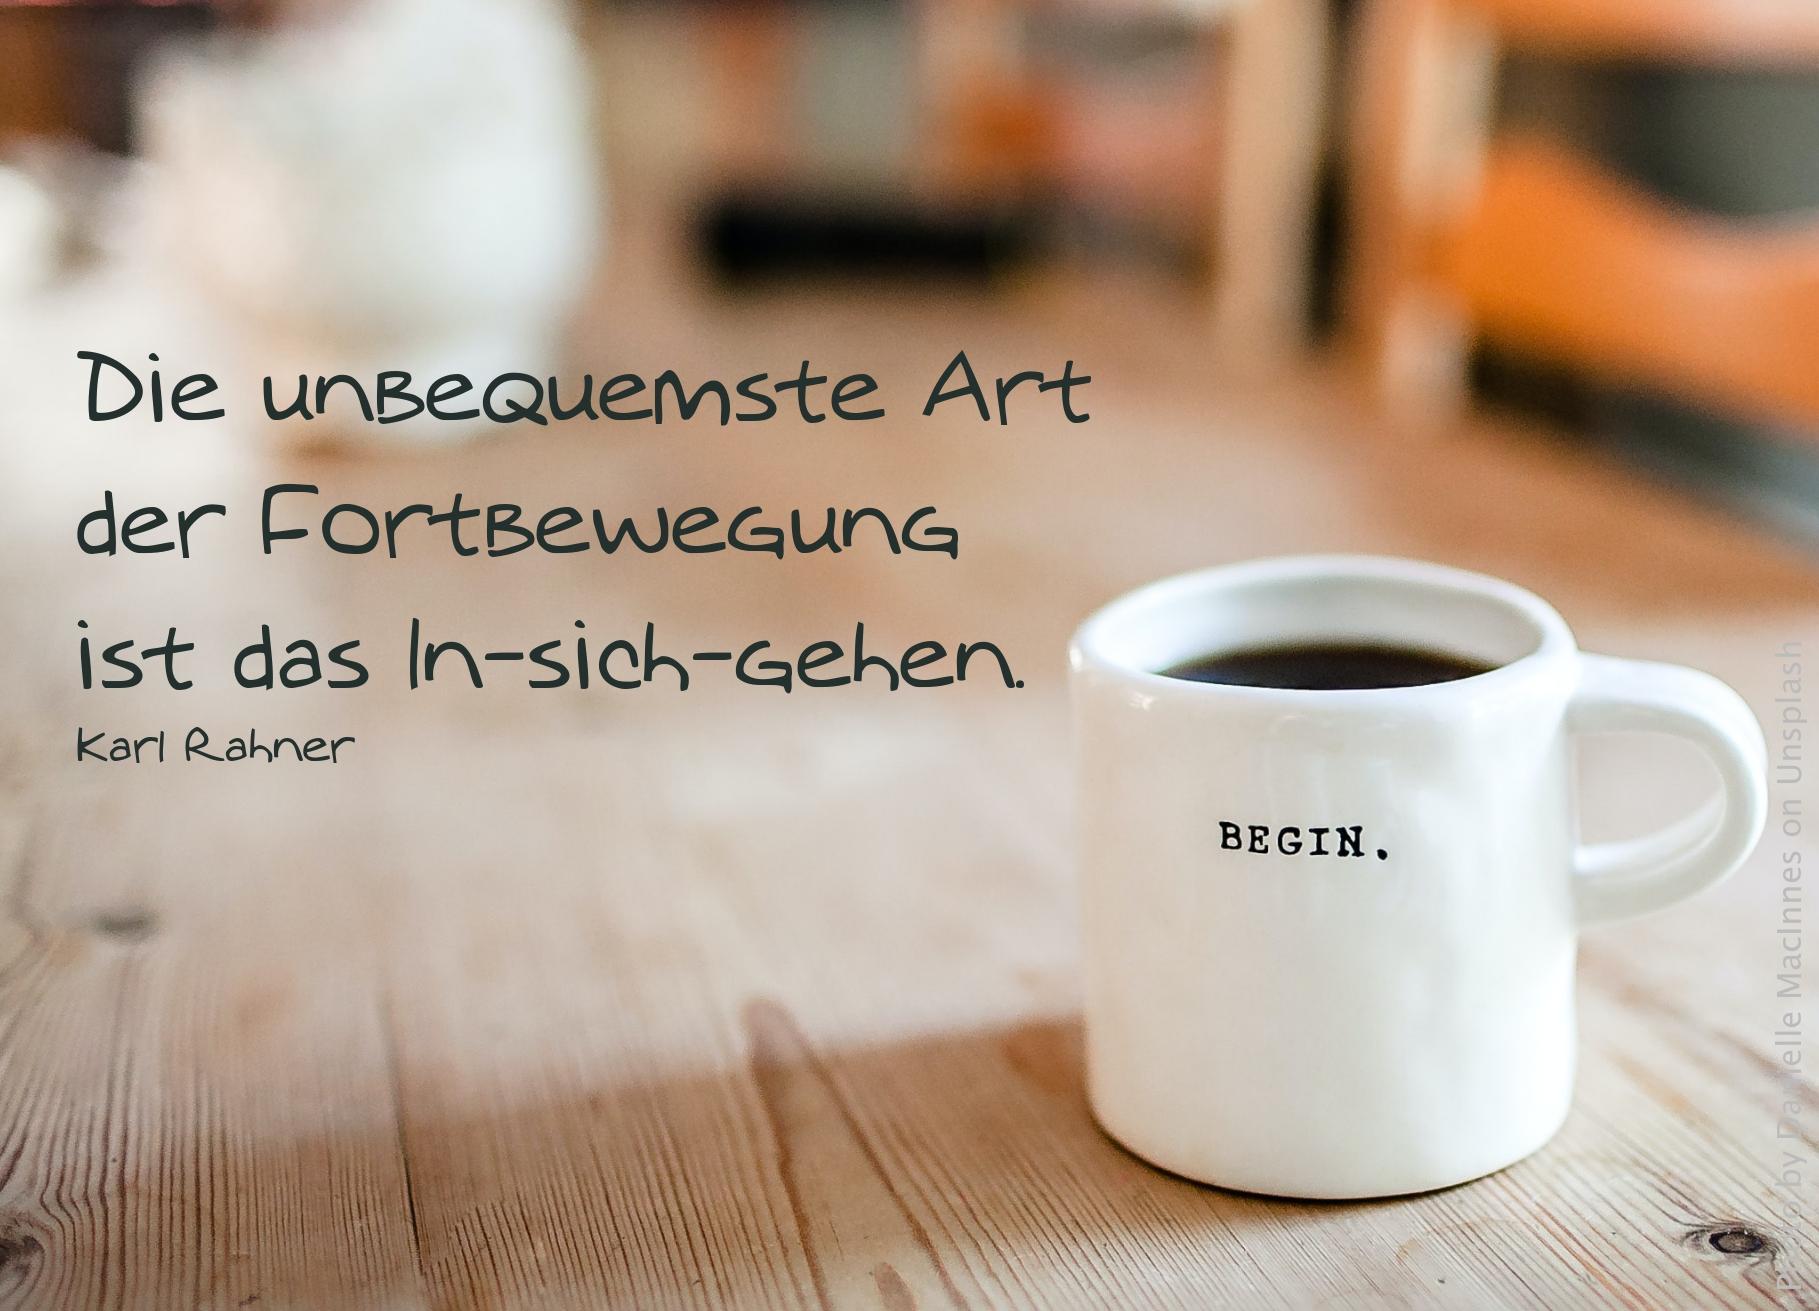 weiße Tasse Kaffee mit der Aufschrift: Begin